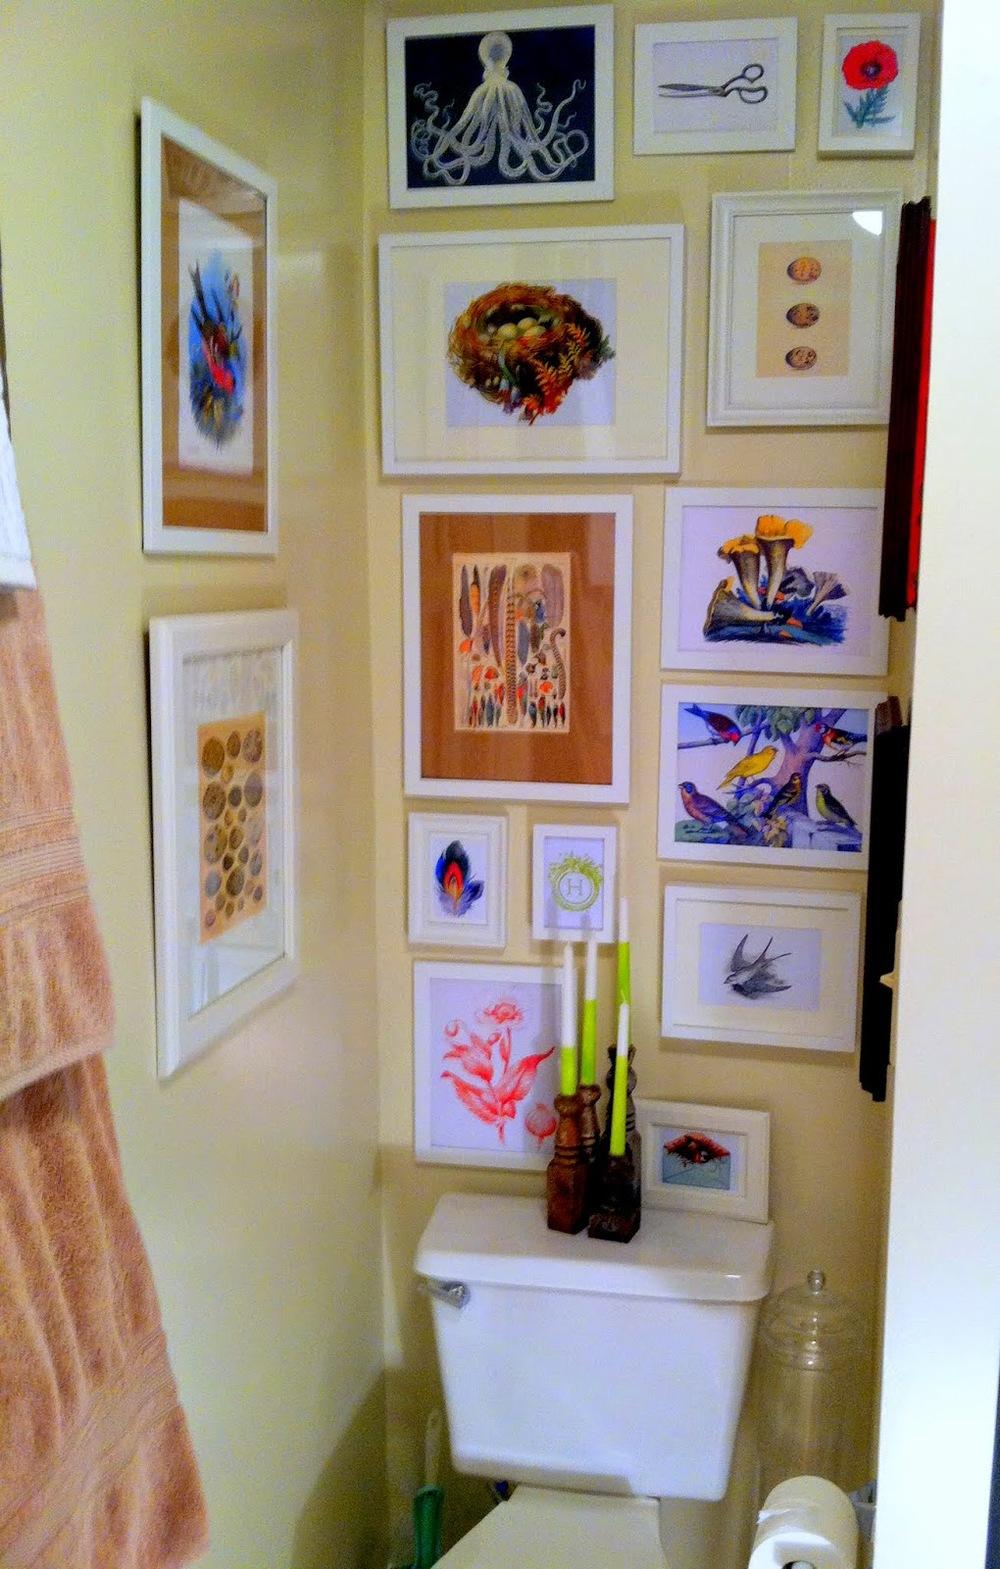 gallerywall1.jpg